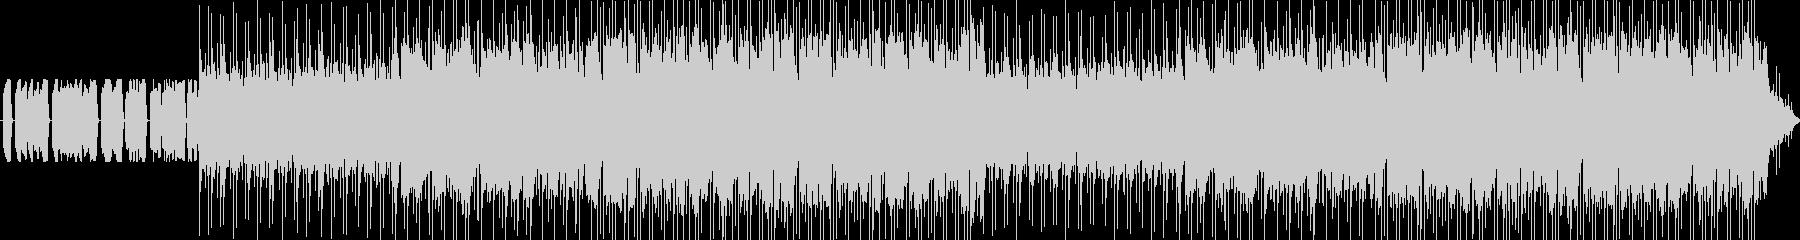 チップチューンによるアニソン風ポップスの未再生の波形